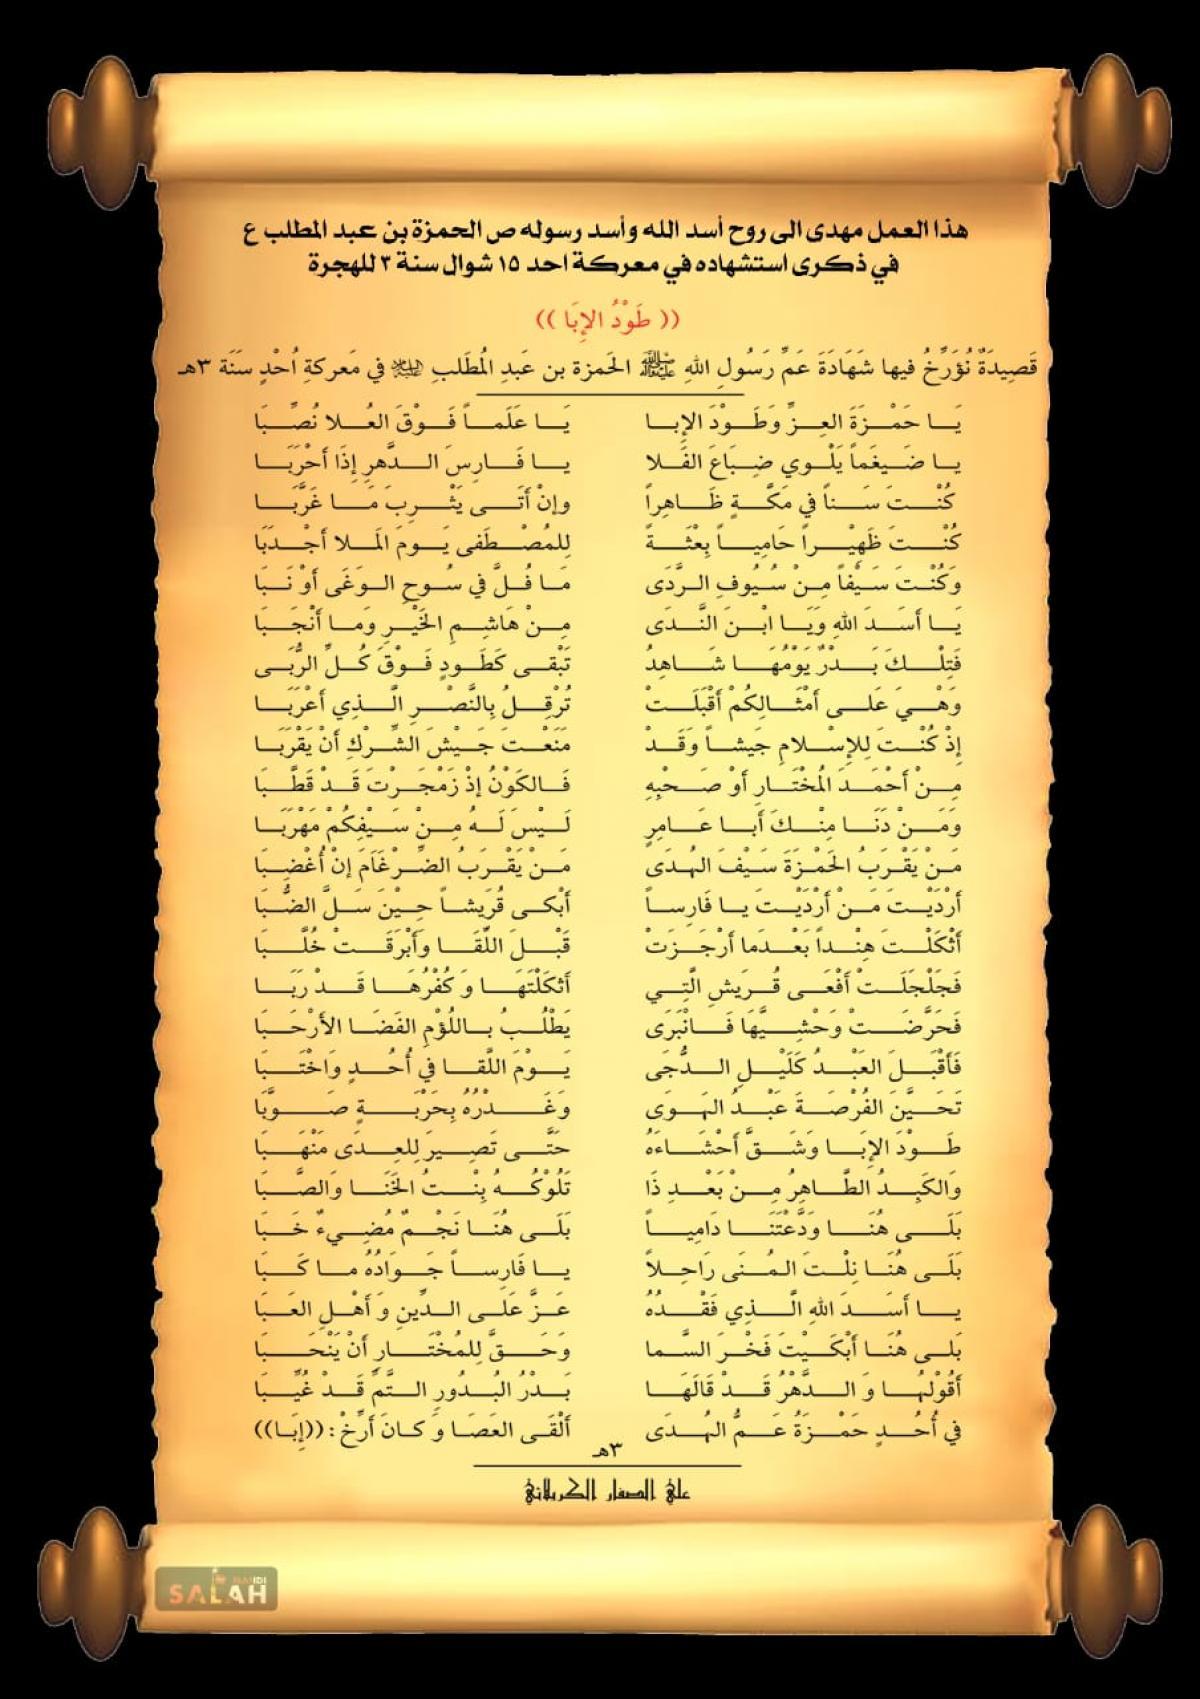 حمزة بن عبد المط لب أسد 5